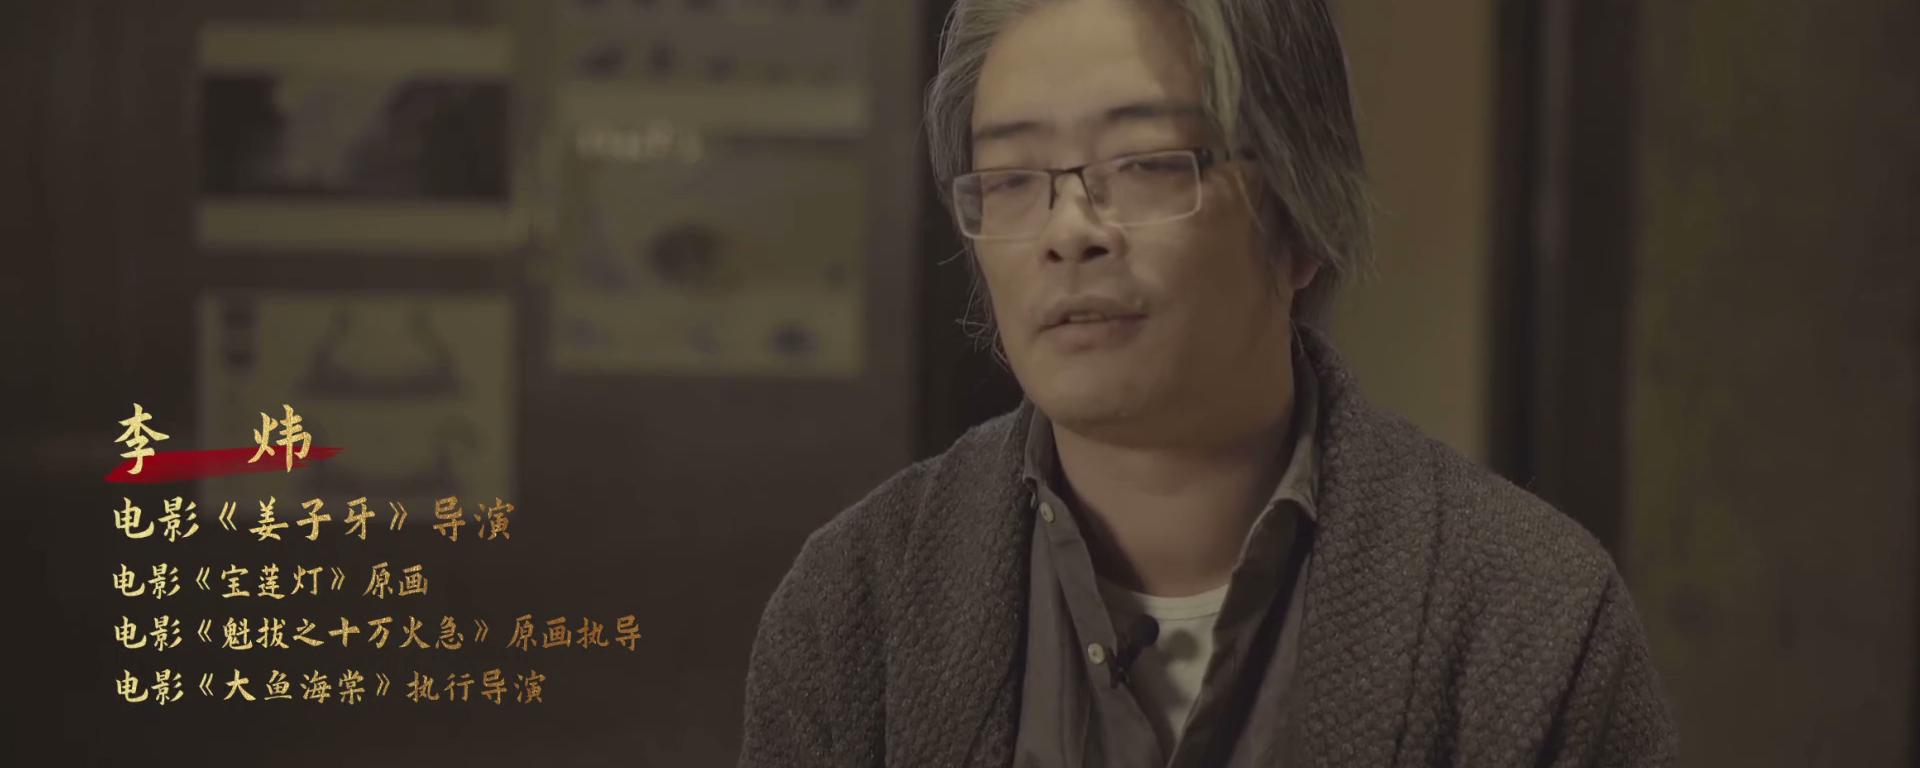 姜子牙导演李炜-Renderbus【云渲染农场】